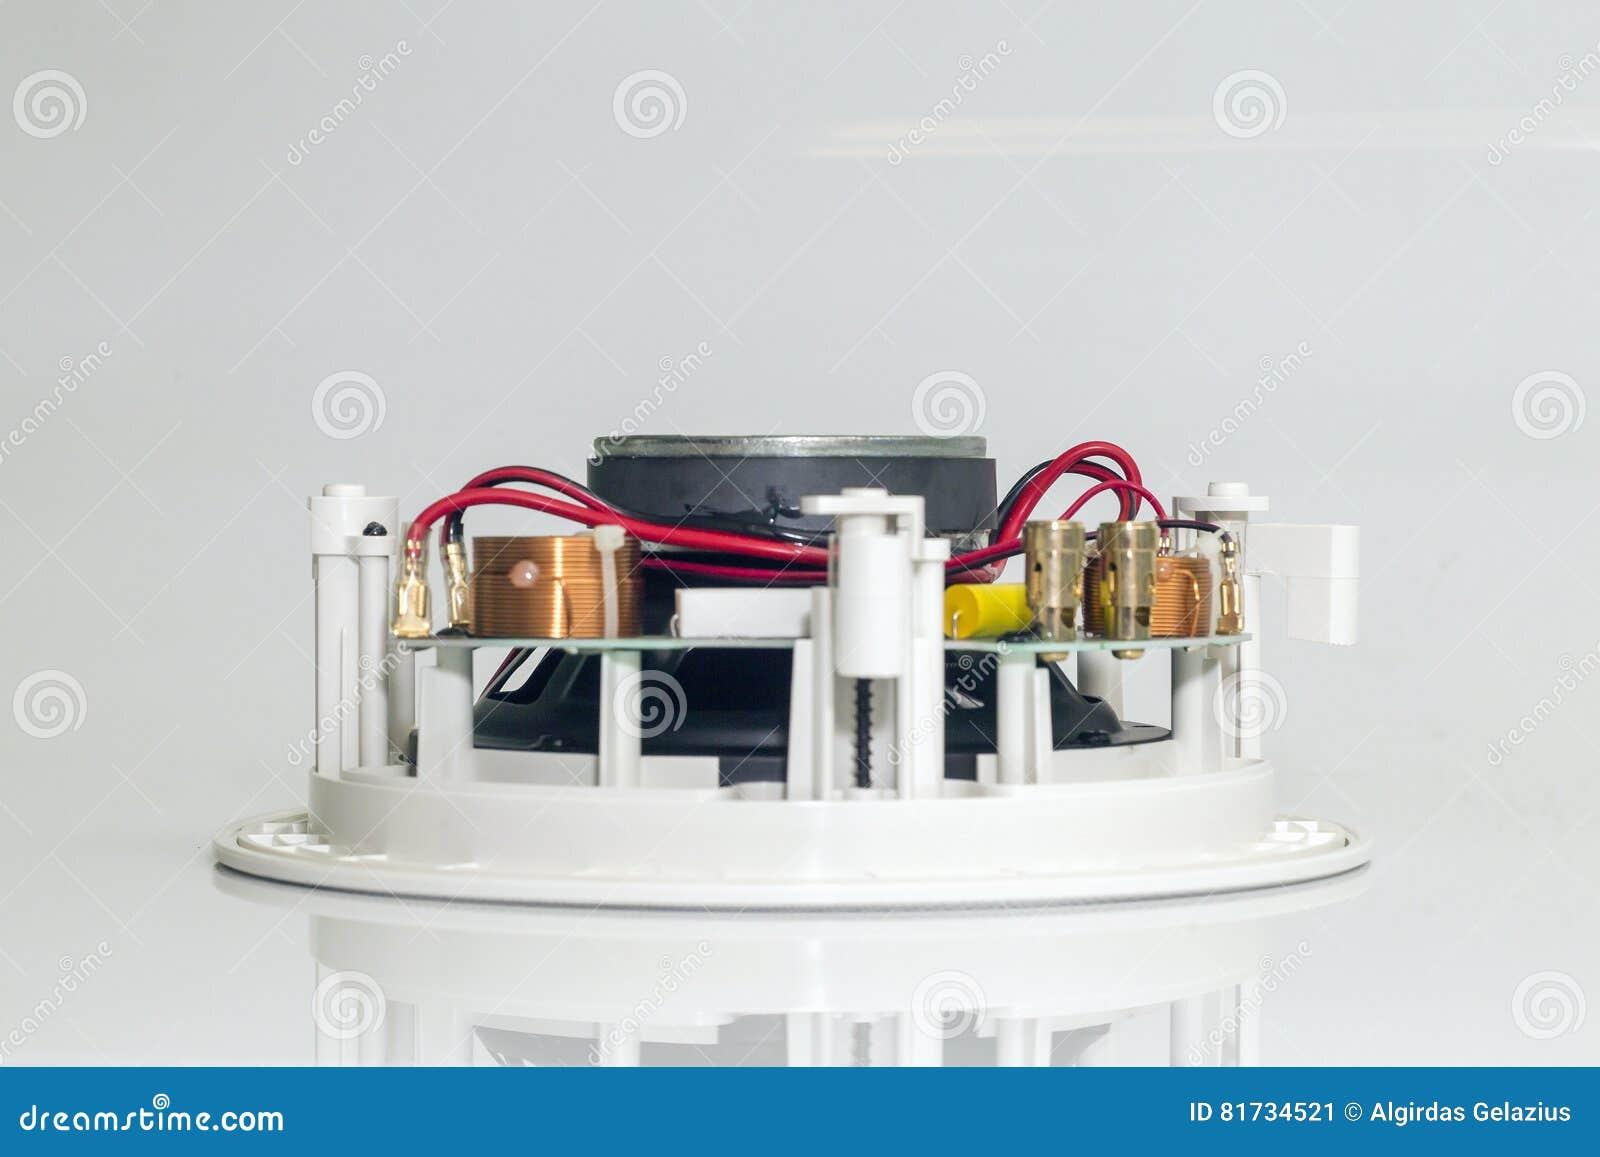 Ungewöhnlich Rote Und Weiße Elektrische Drähte Fotos - Elektrische ...